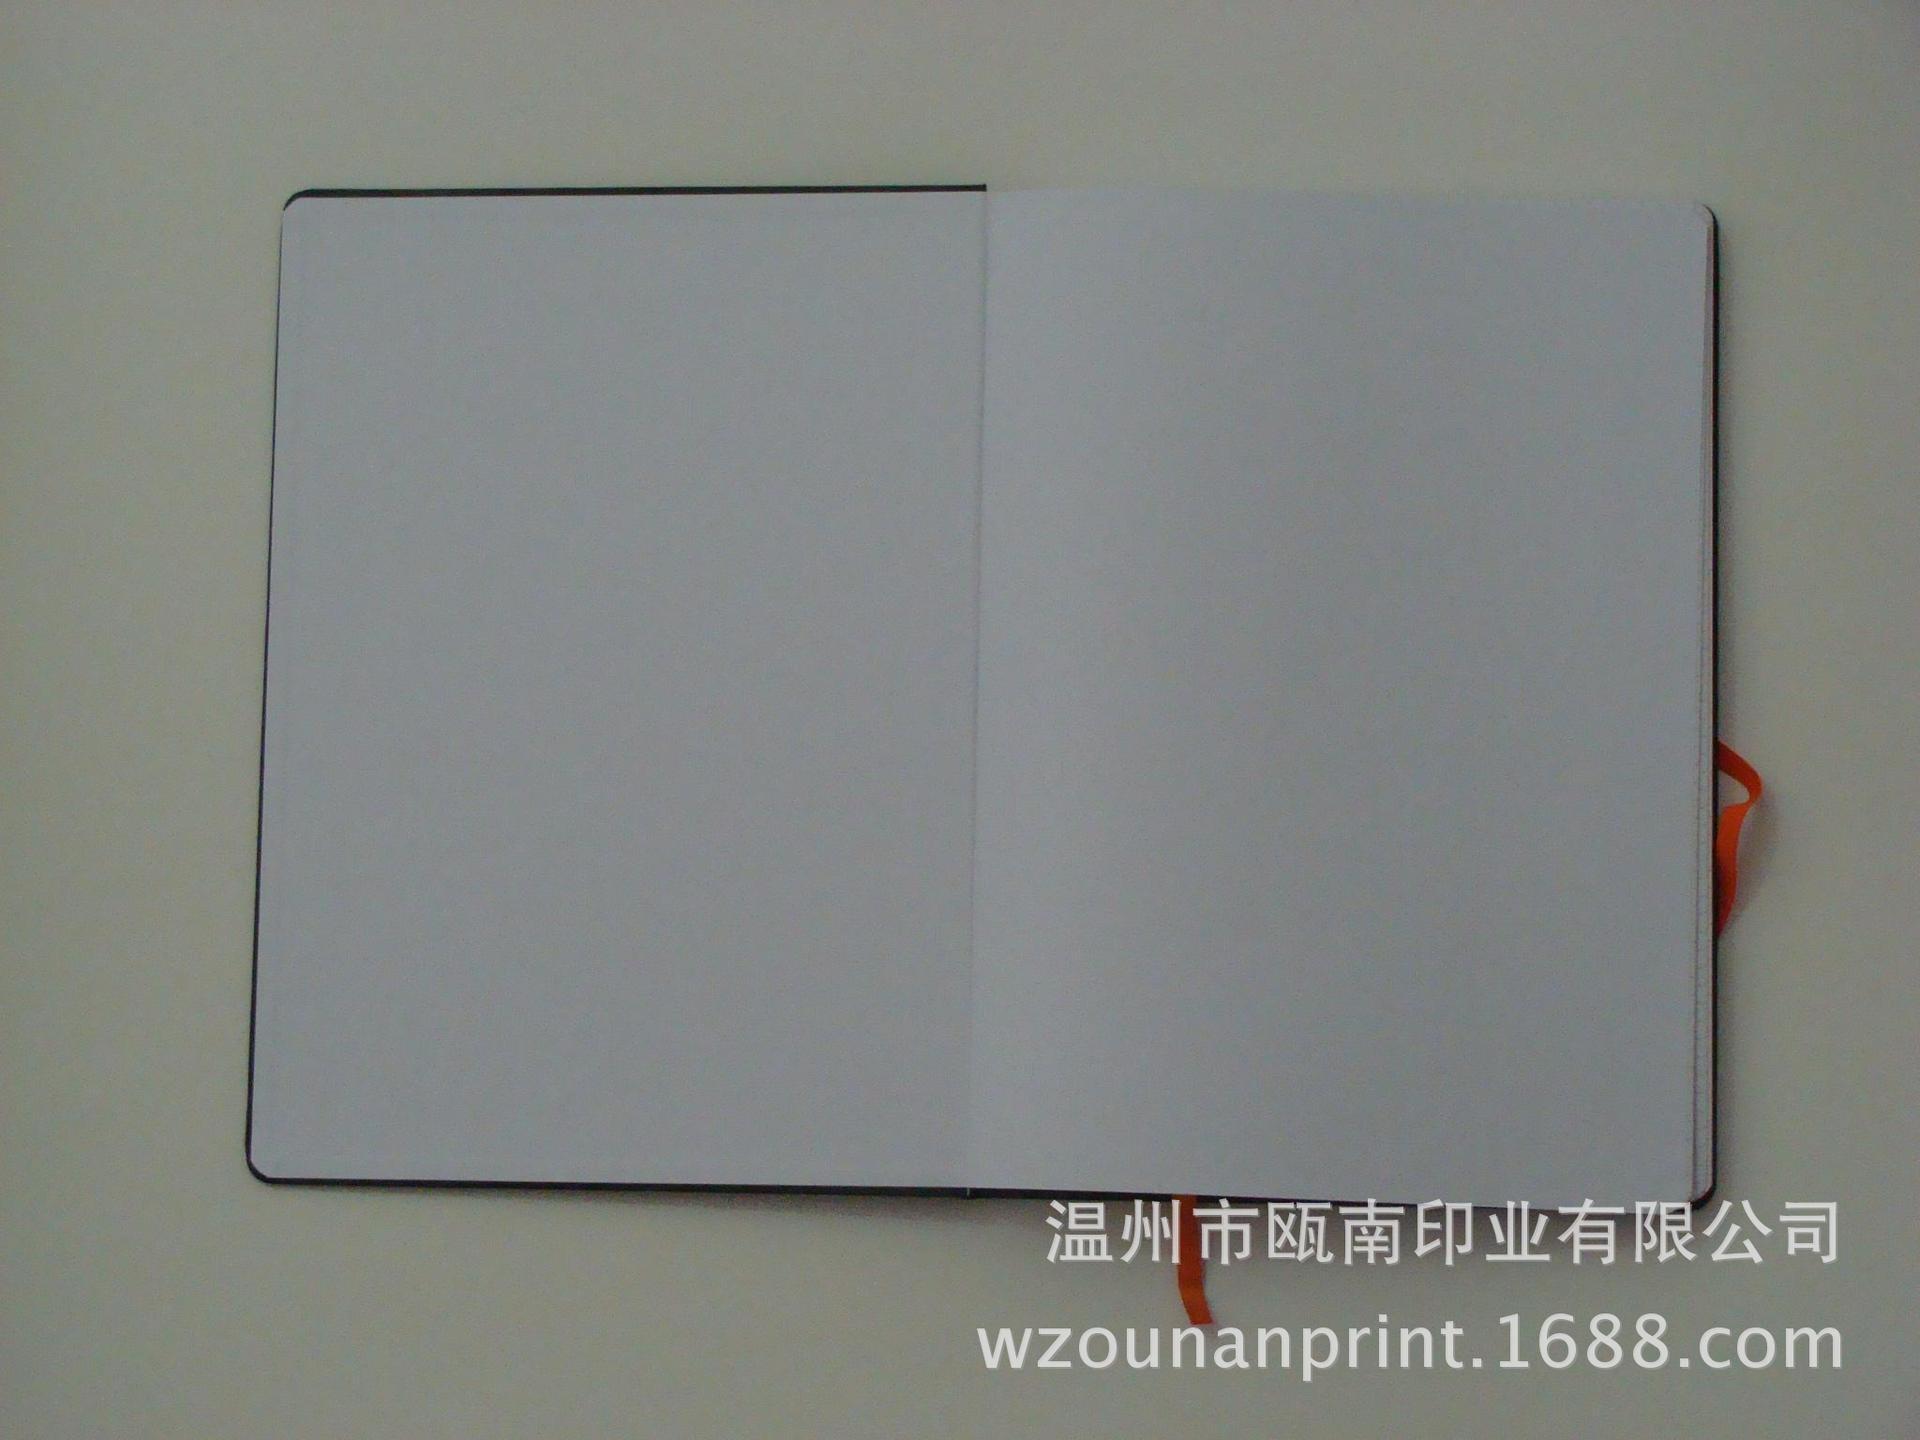 硬壳A4笔记本 封面logo烫金凹印记事本,商务本 内页格纹印刷